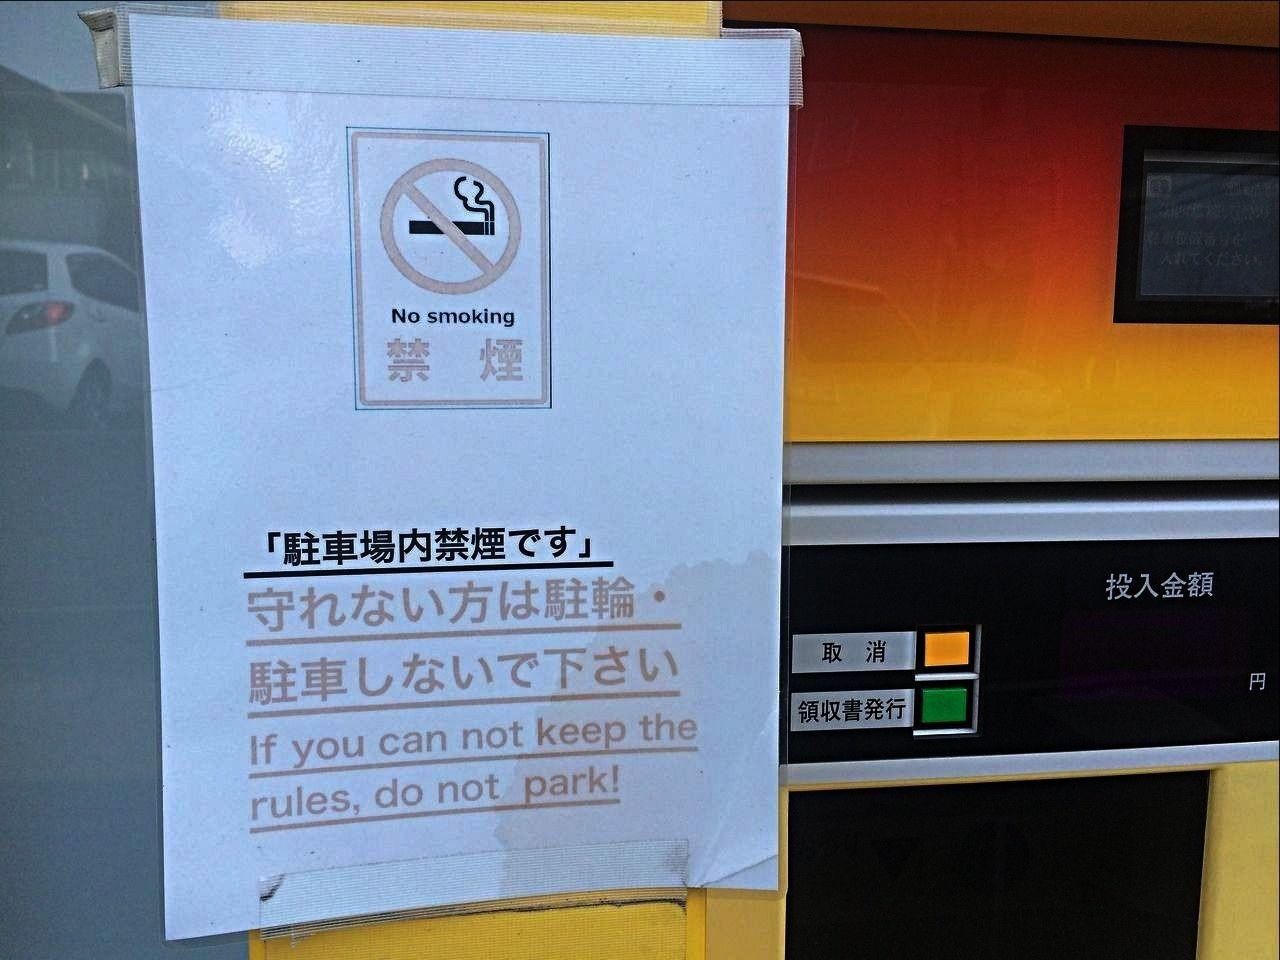 禁煙コインパーキング(『賃貸』に関する禁煙)